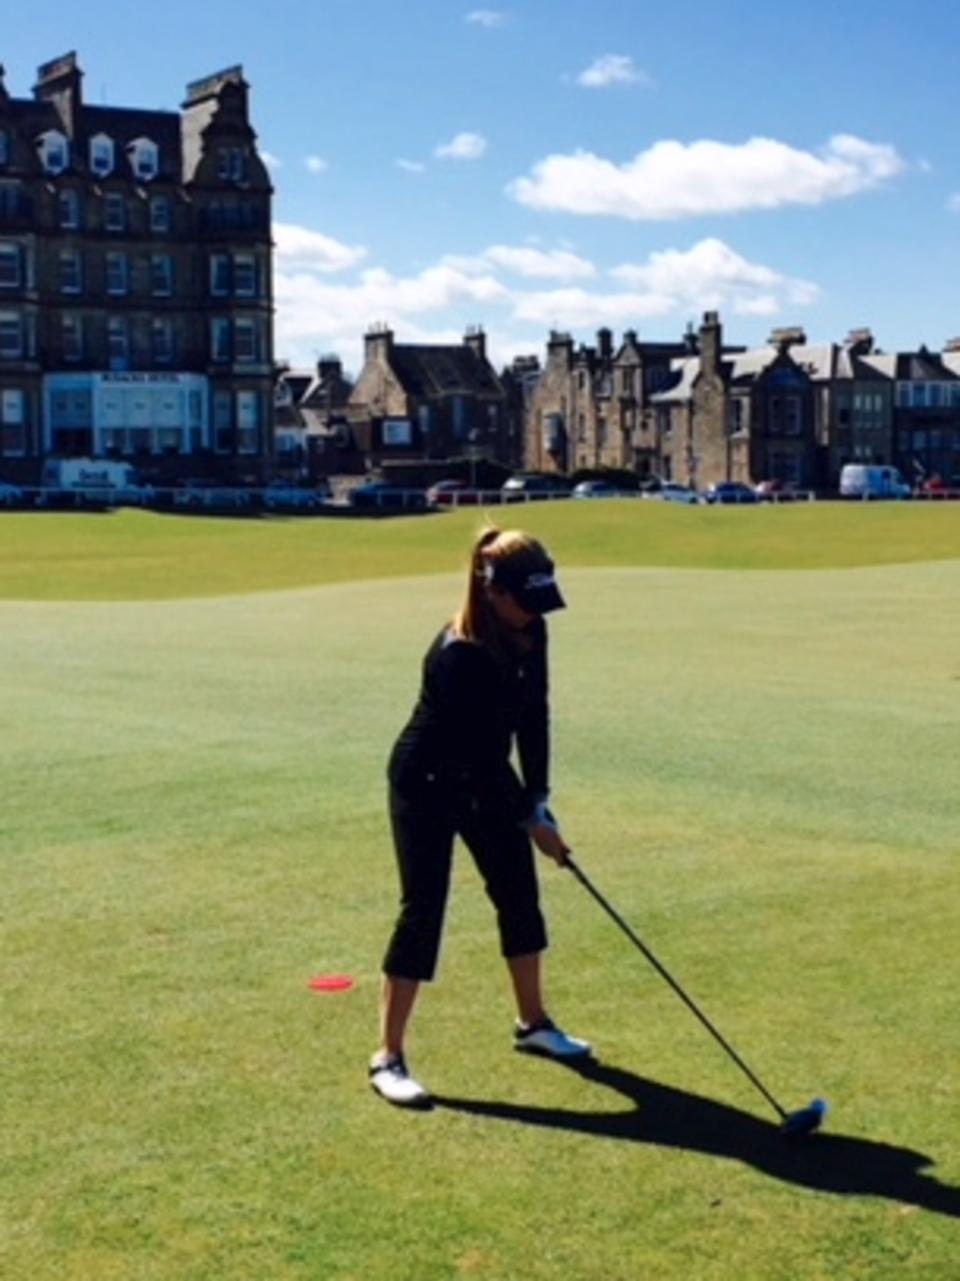 30+ Alexa hammer golf ideas